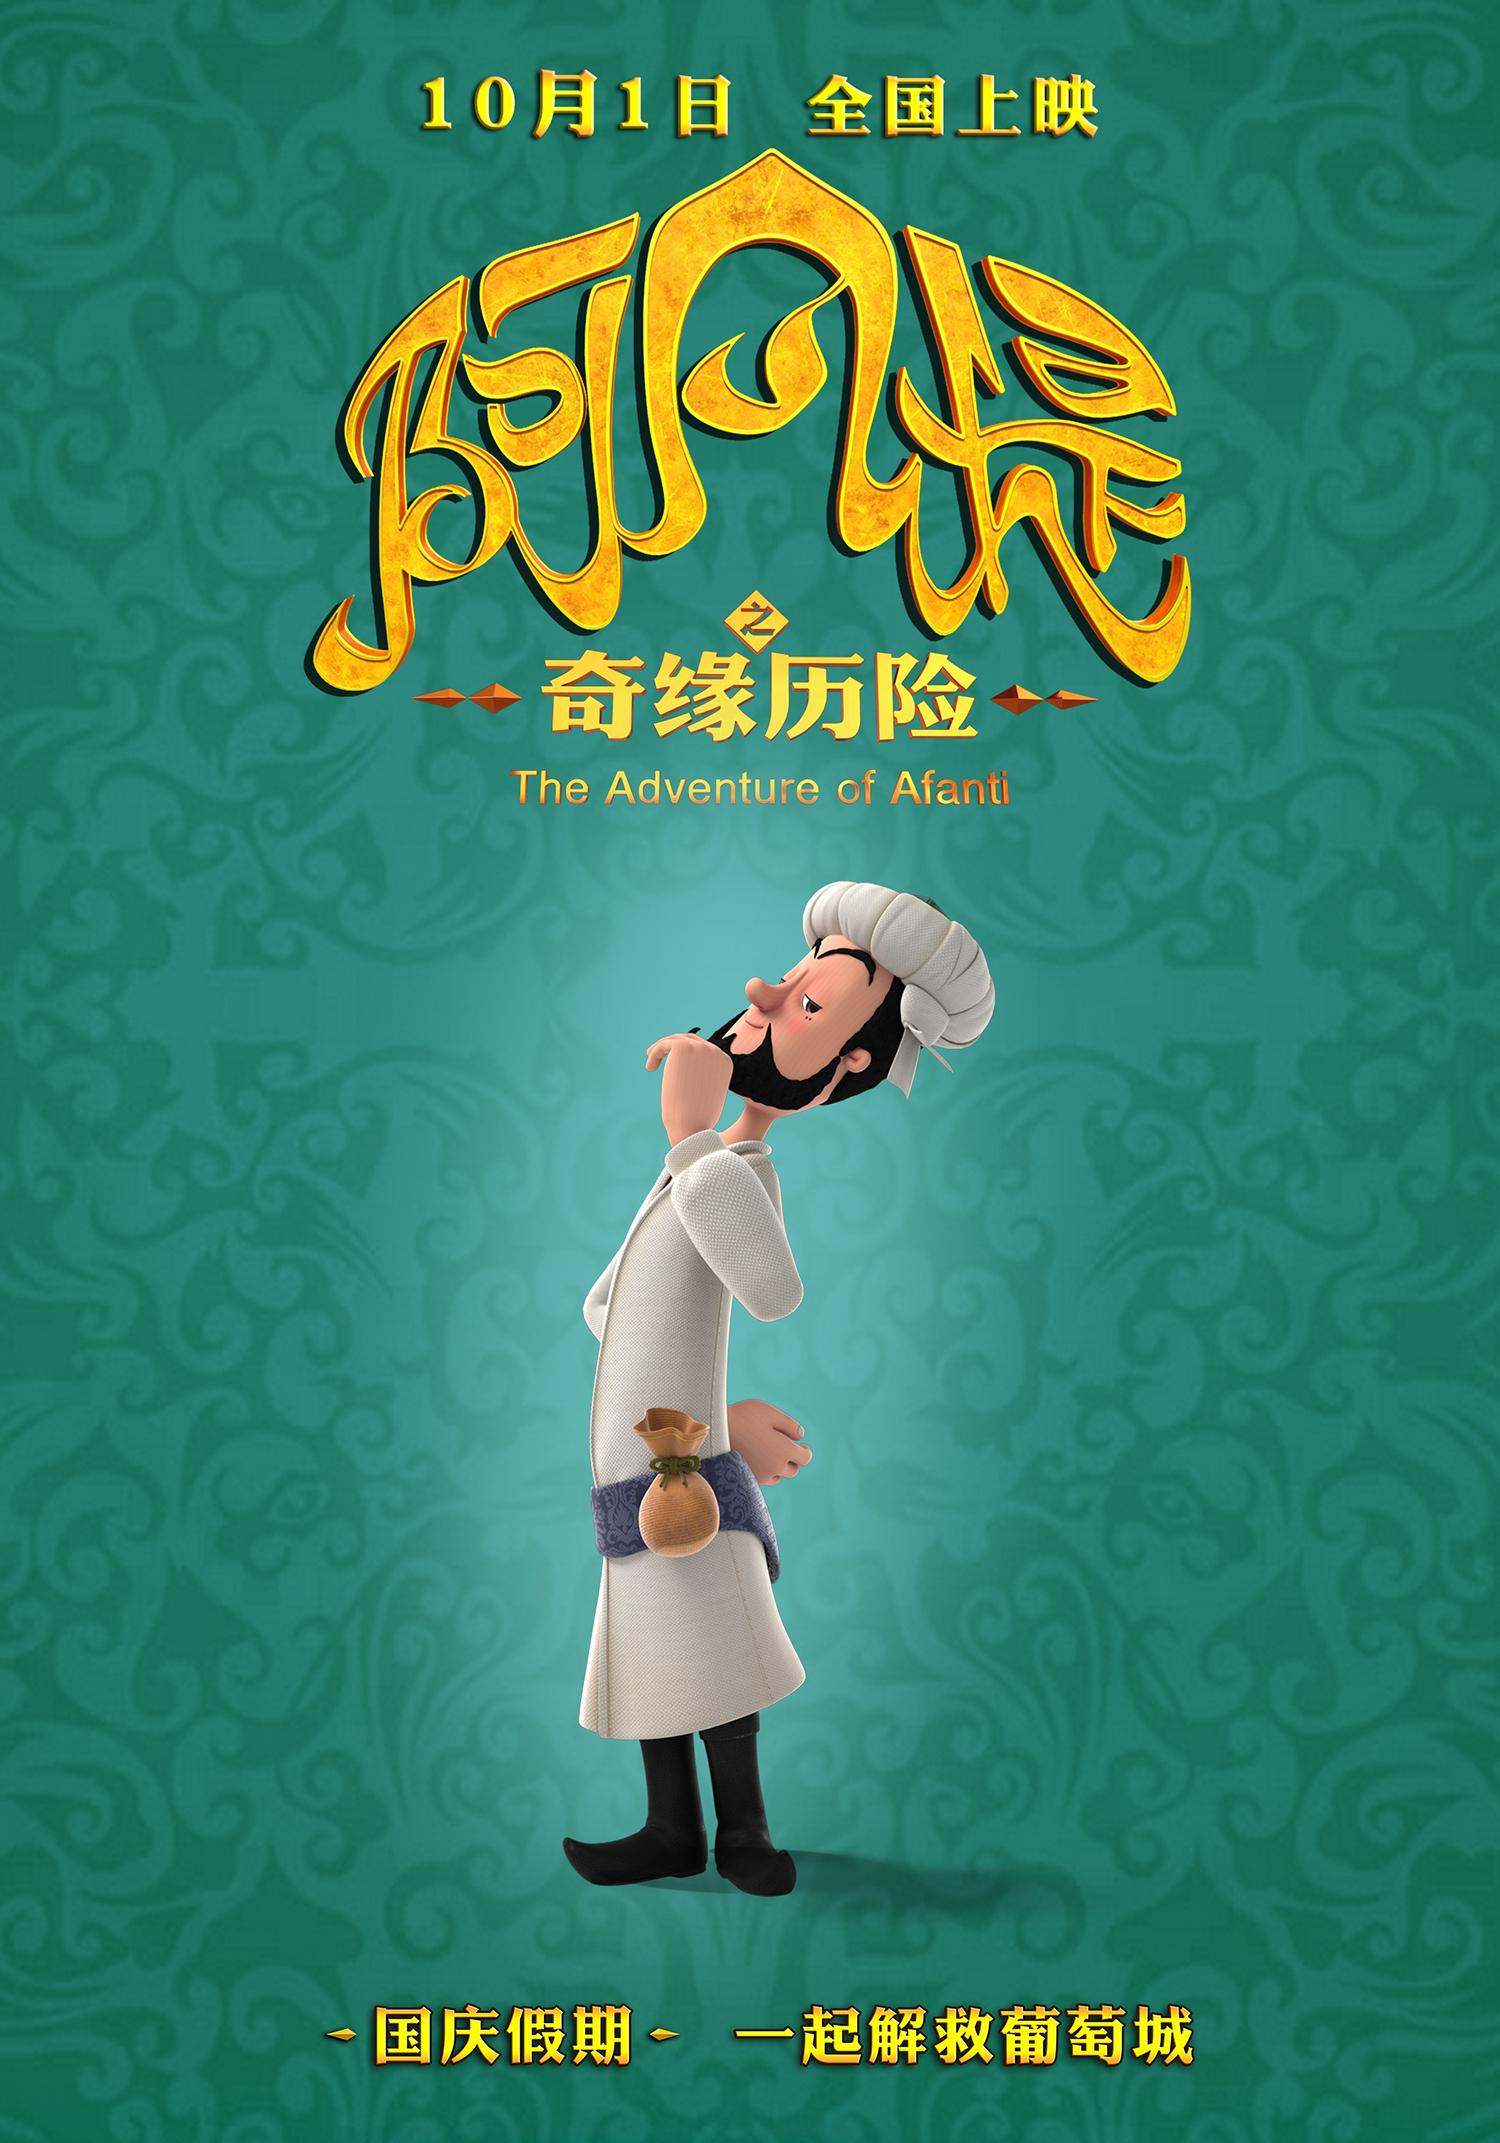 《阿凡提之奇缘历险》曝欢乐版预告 阿凡提巴依老爷